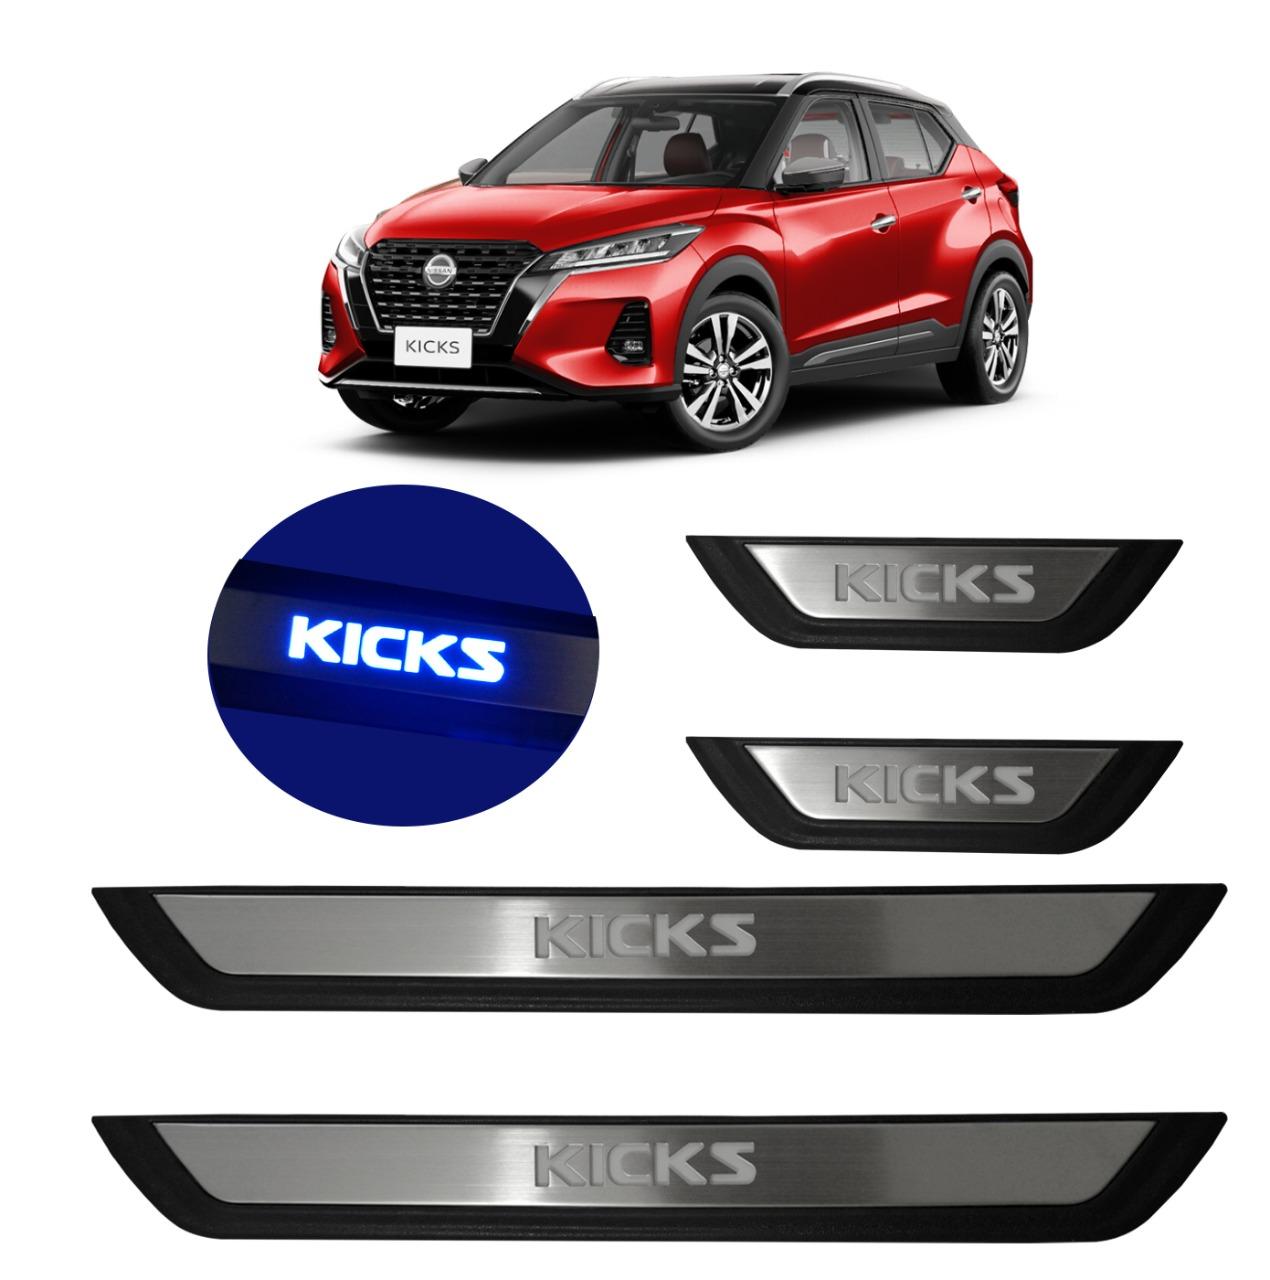 Kit Soleira de Porta Com LED Kicks 2021 em diante Inox Iluminada